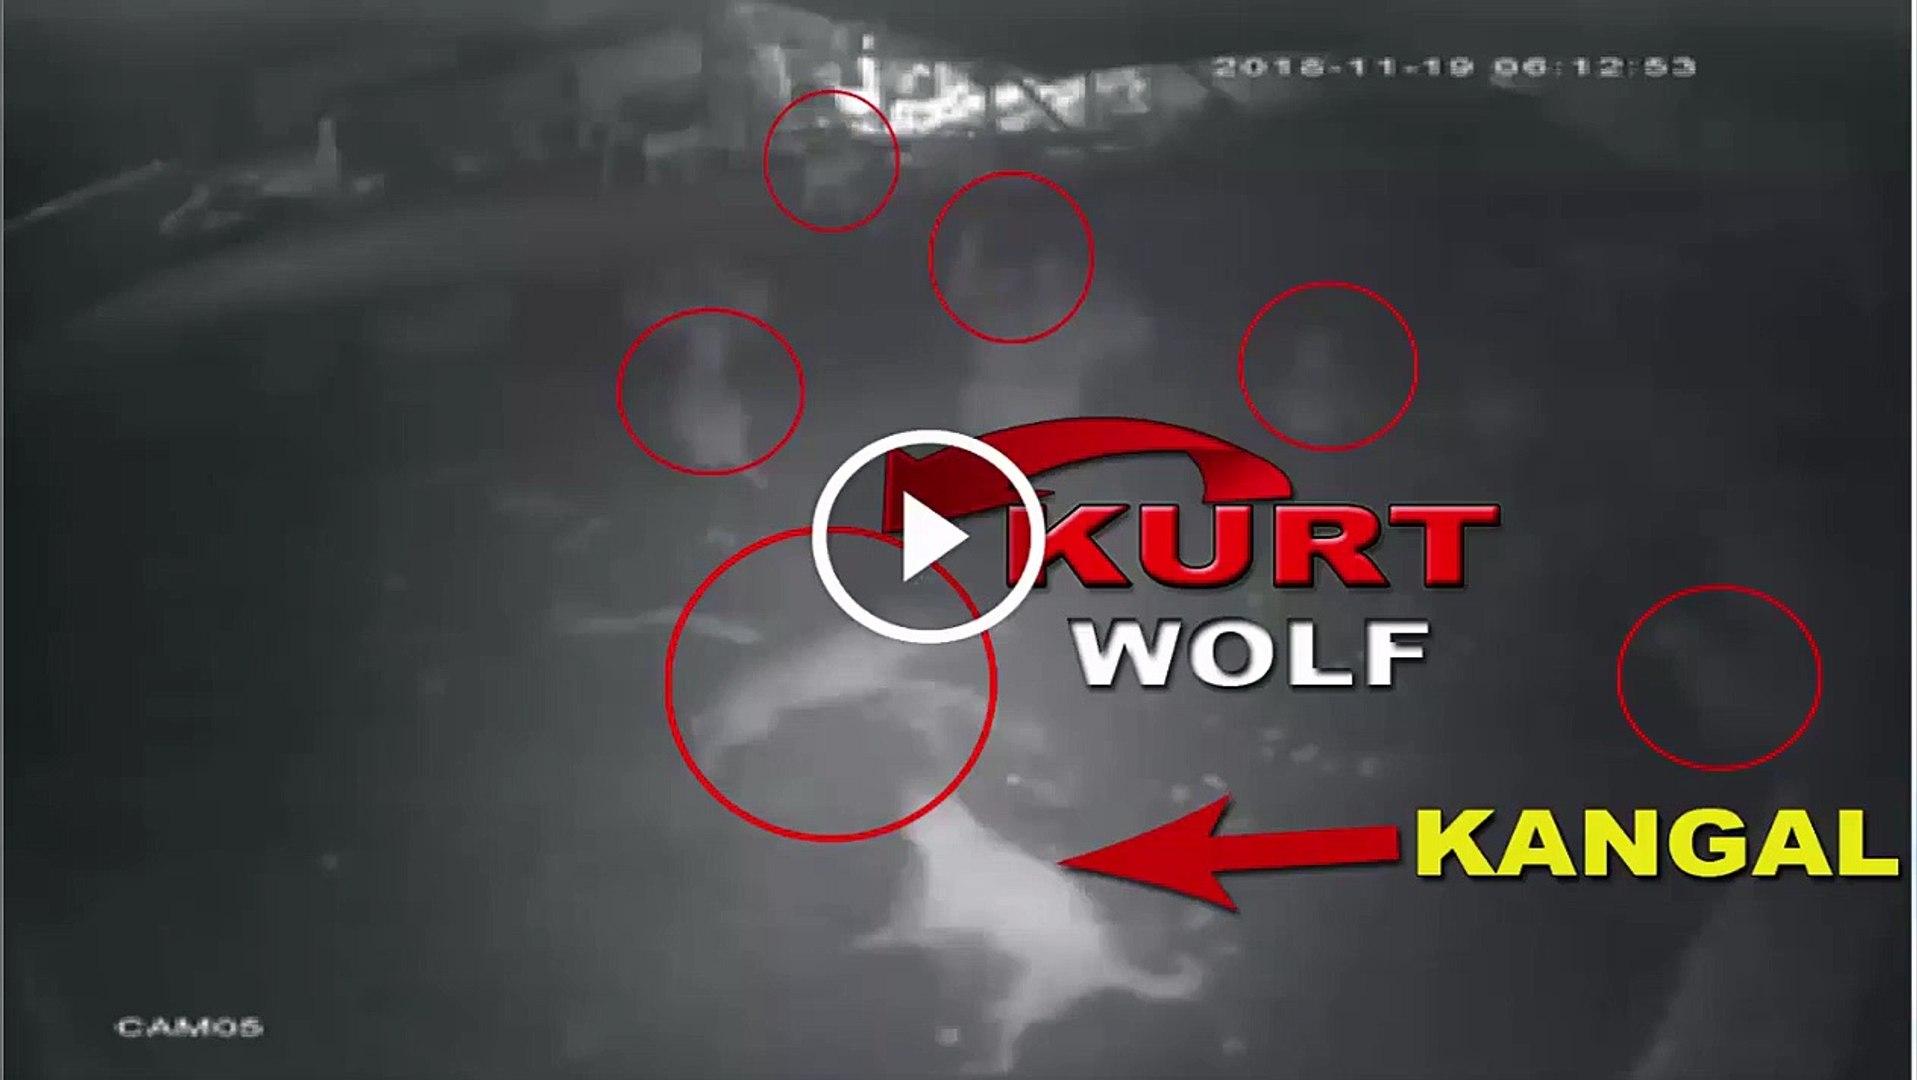 SiVAS KANGAL KOPEGi KURTTAN KORKAN DiYENLERE GELSiN - SiVAS KANGAL DOG WOLF ATTACKiNG